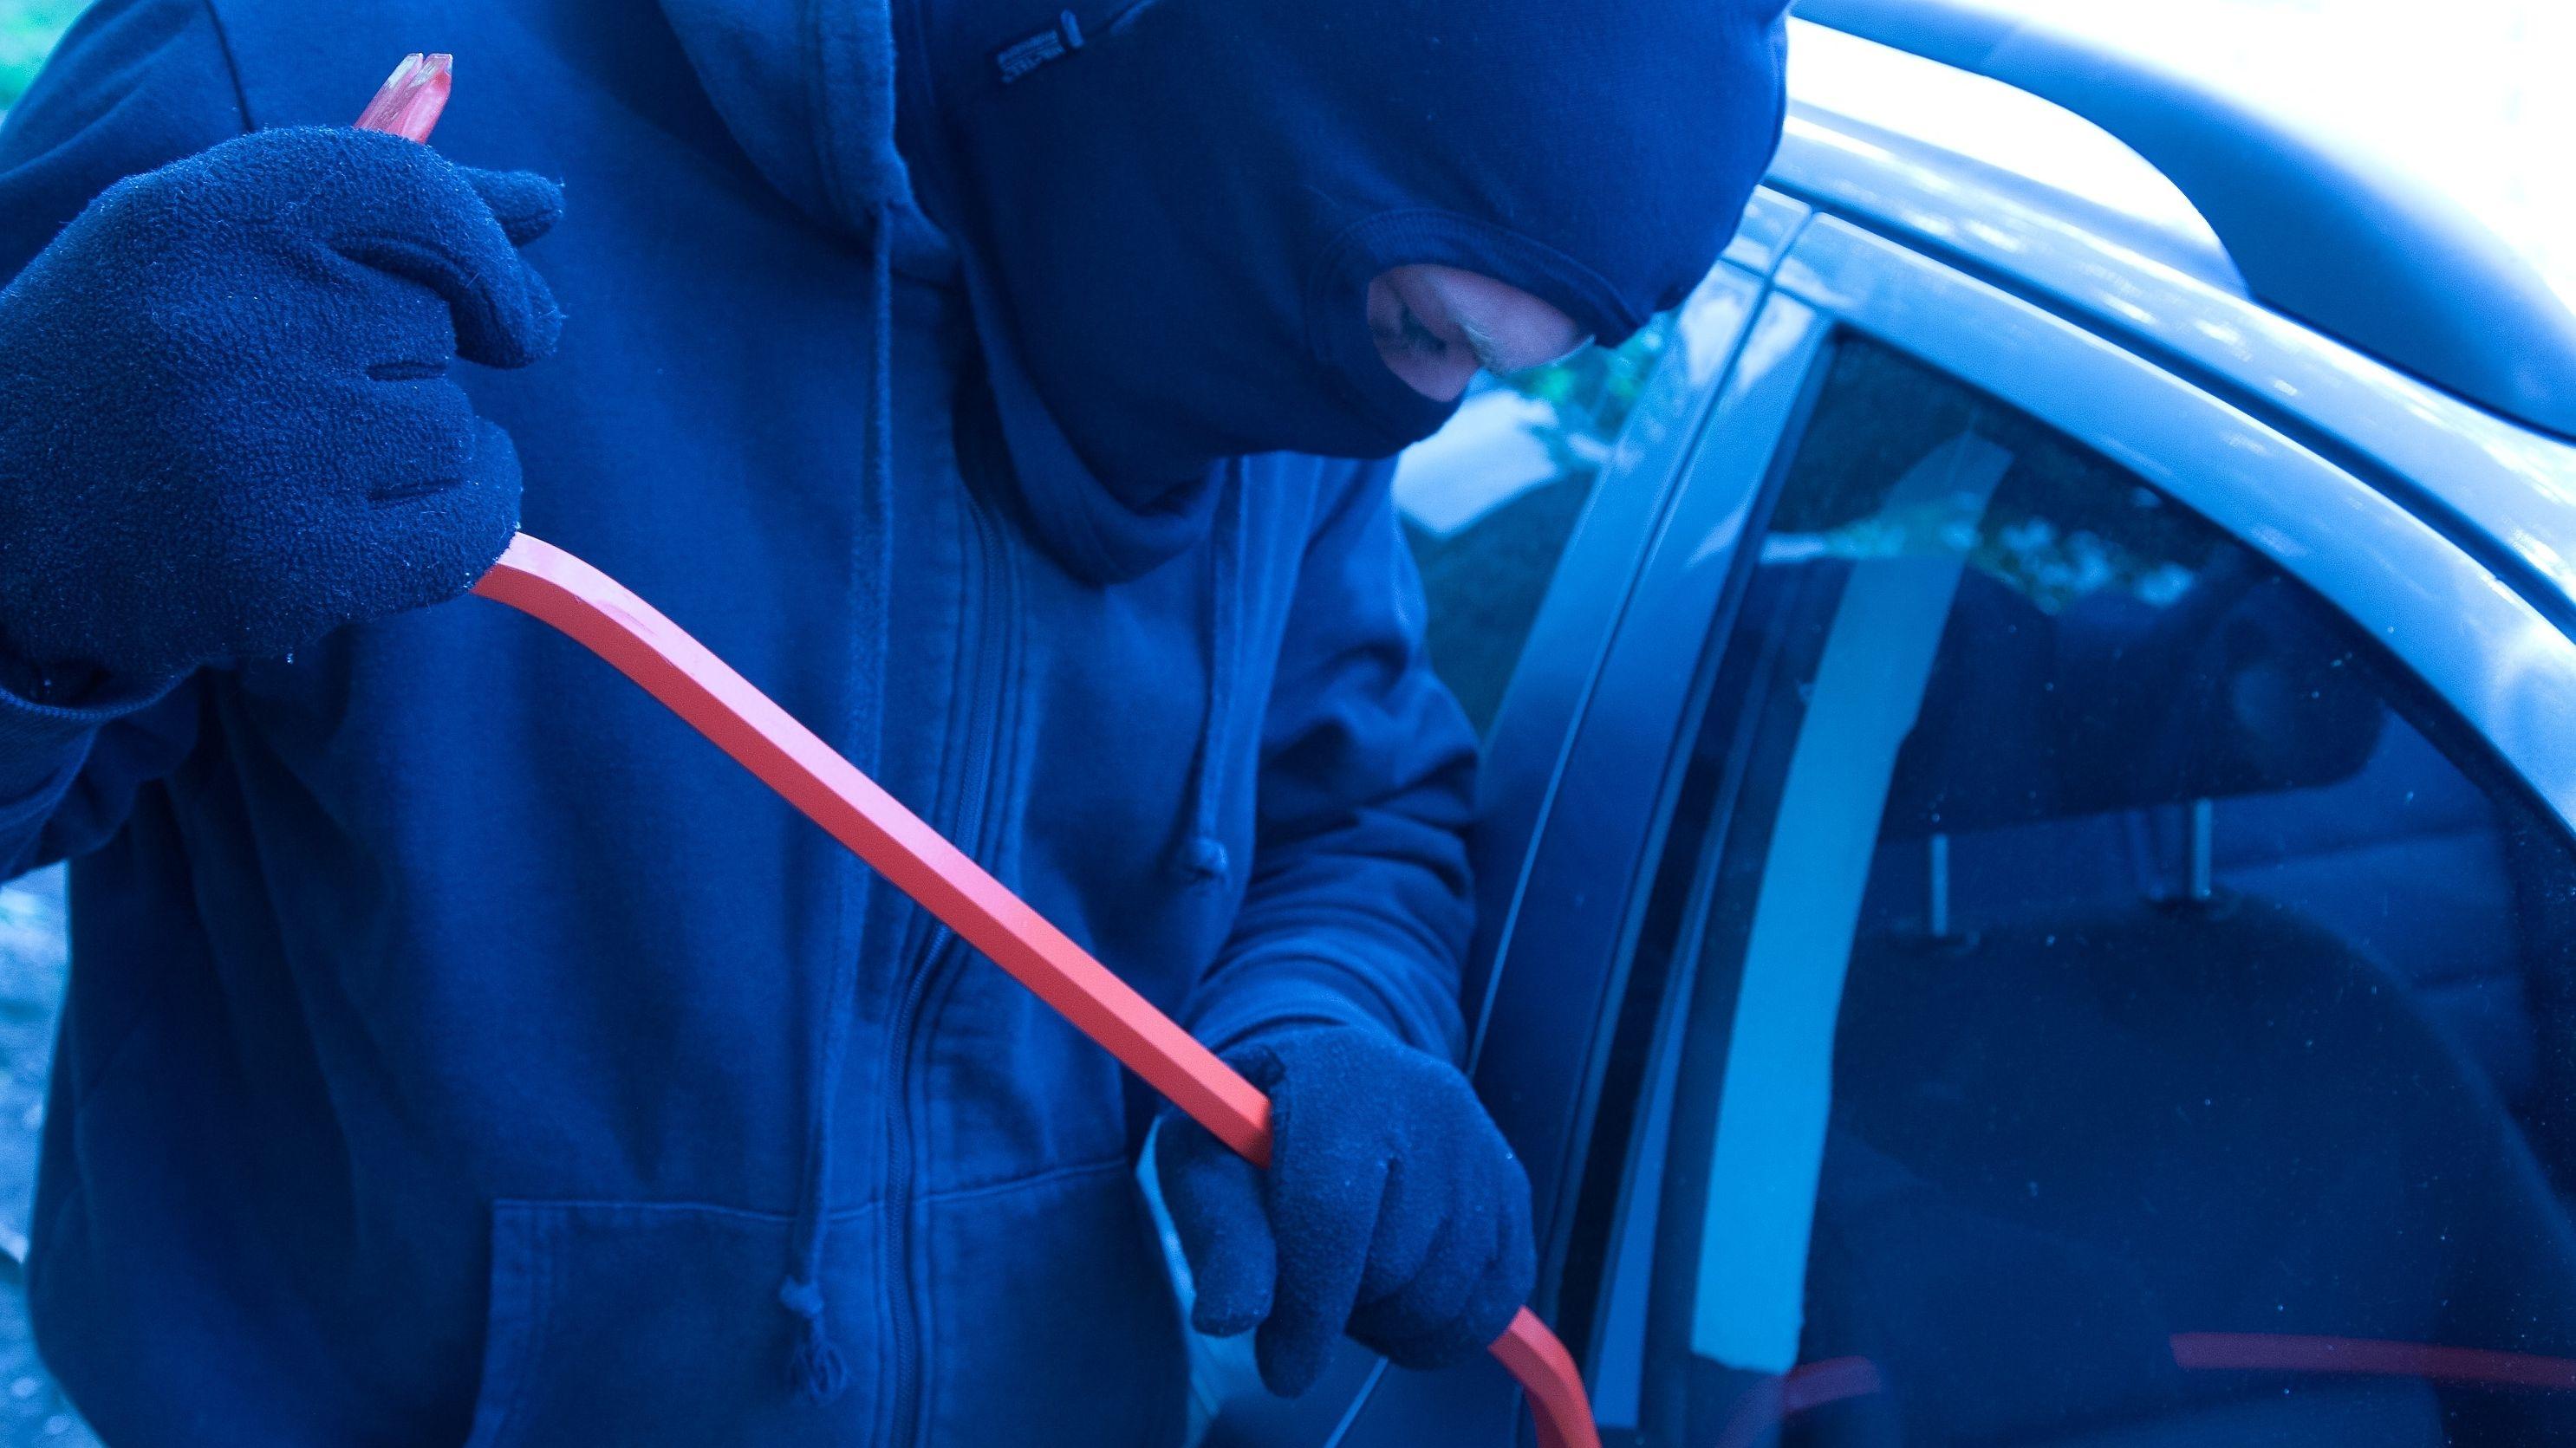 Ein vermummter Mann versucht mit einem Brecheisen ein Auto aufzubrechen.